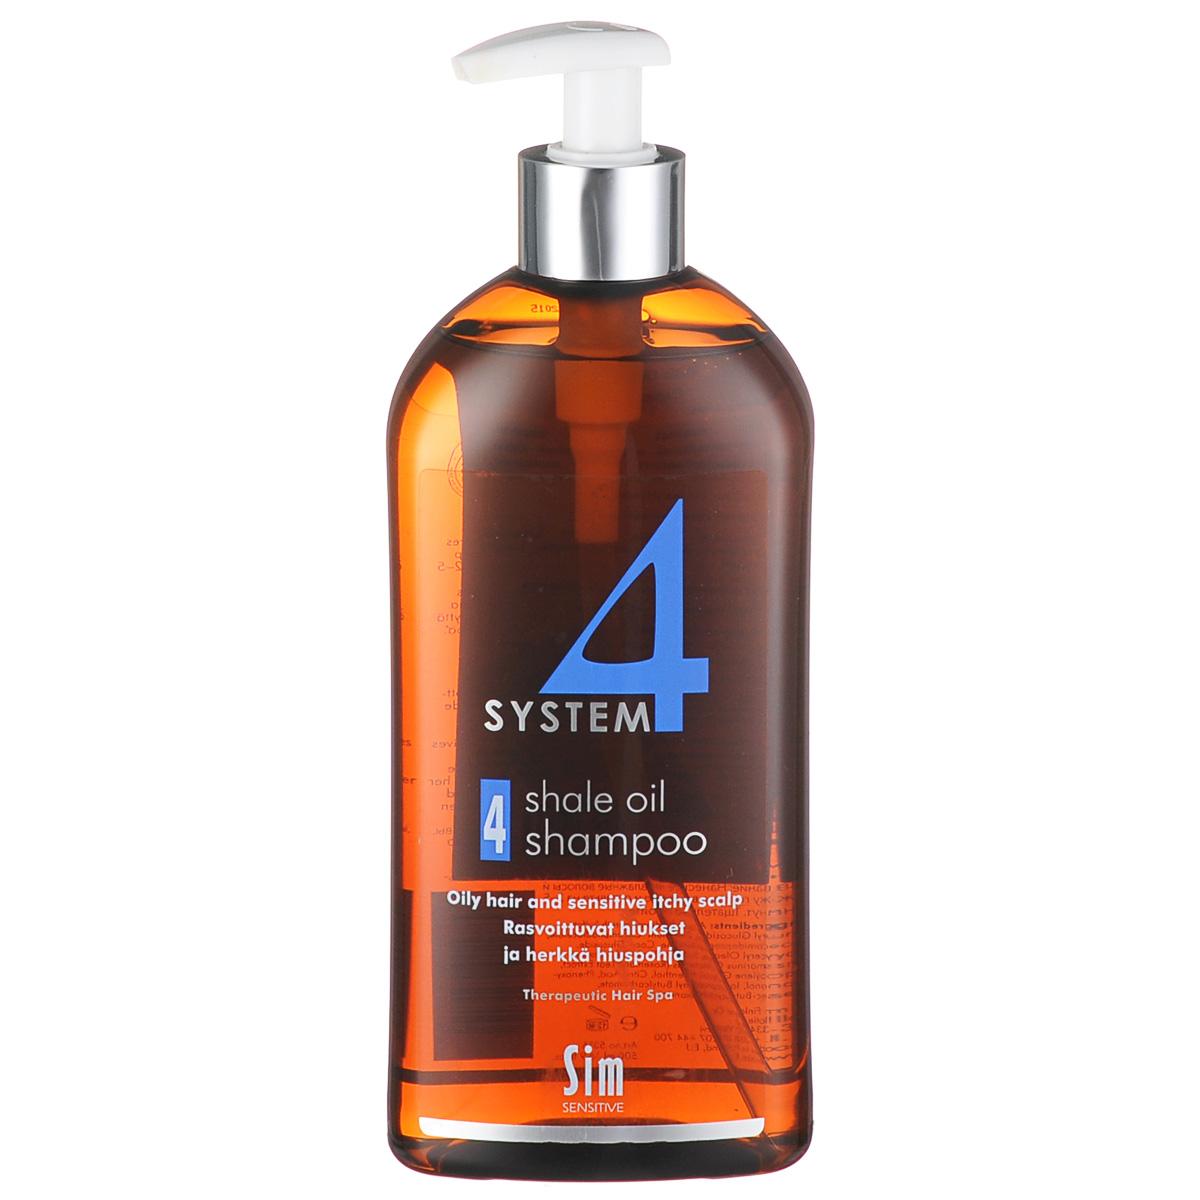 SIM SENSITIVE Терапевтический шампунь № 4 SYSTEM 4 Shale Oil Shampoo 4 , 500 мл5316КАК РАБОТАЕТ: салициловая кислота активно очищают кожу головы, сланцевое масло регулирует активность сальных желез. Розмарин и ментол освежают и дезинфицируют кожу головы. Пироктон оламин и климбазол устраняют грибок и восстанавливают микрофлору кожи головы. Входящие в состав амфотерные ПАВы, обладают мягкими моющими свойствами. БОРЕТСЯ С: чрезмерной жирностью волос и кожи головы зудом кожи головы жирной перхотью